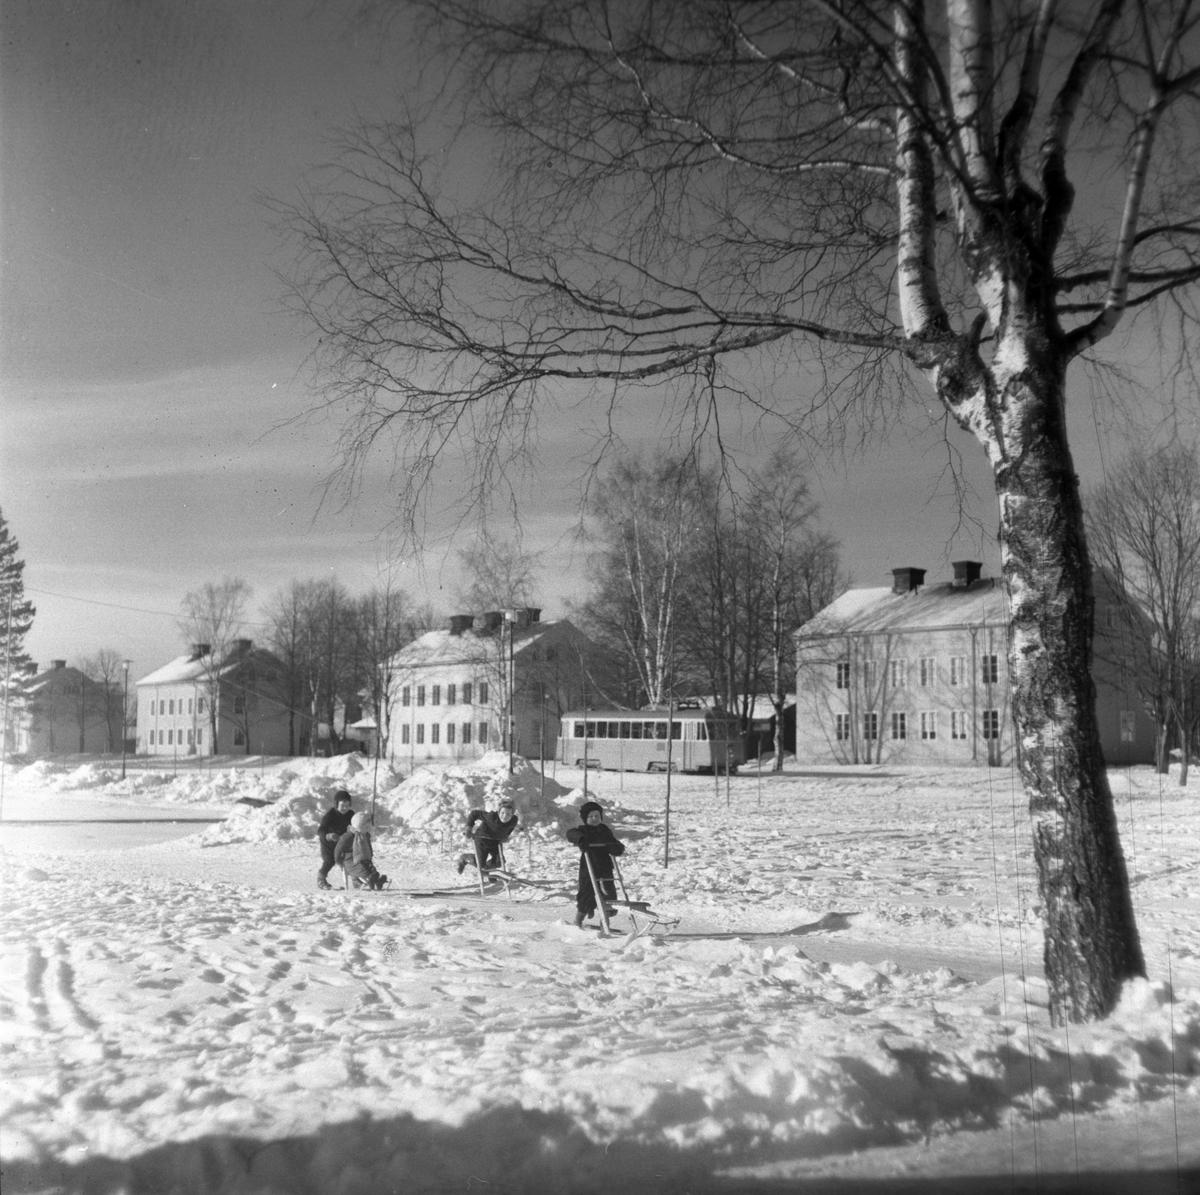 Holmsund. Korsnäs AB. Den 3 mars 1955. Redan från början av bolagets verksamhet anlades bostäder för de anställda enligt tidens krav och möjligheter vid de olika tidpunkterna.